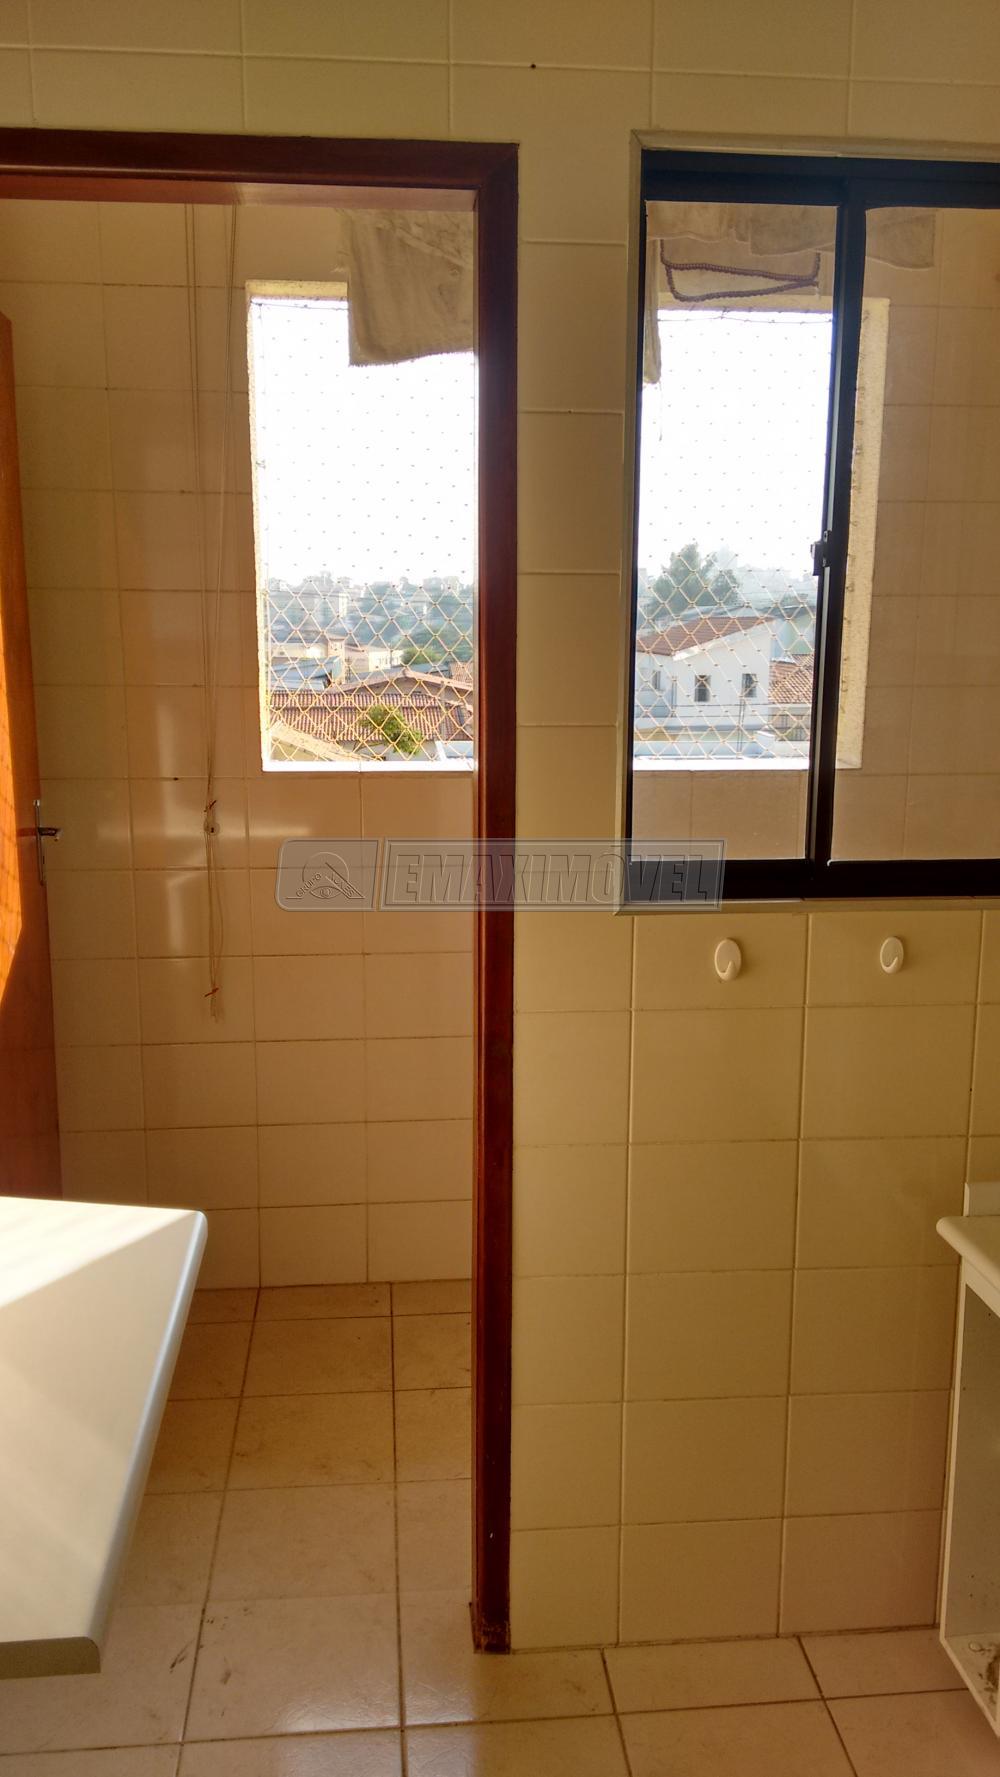 Comprar Apartamentos / Apto Padrão em Sorocaba apenas R$ 190.000,00 - Foto 17